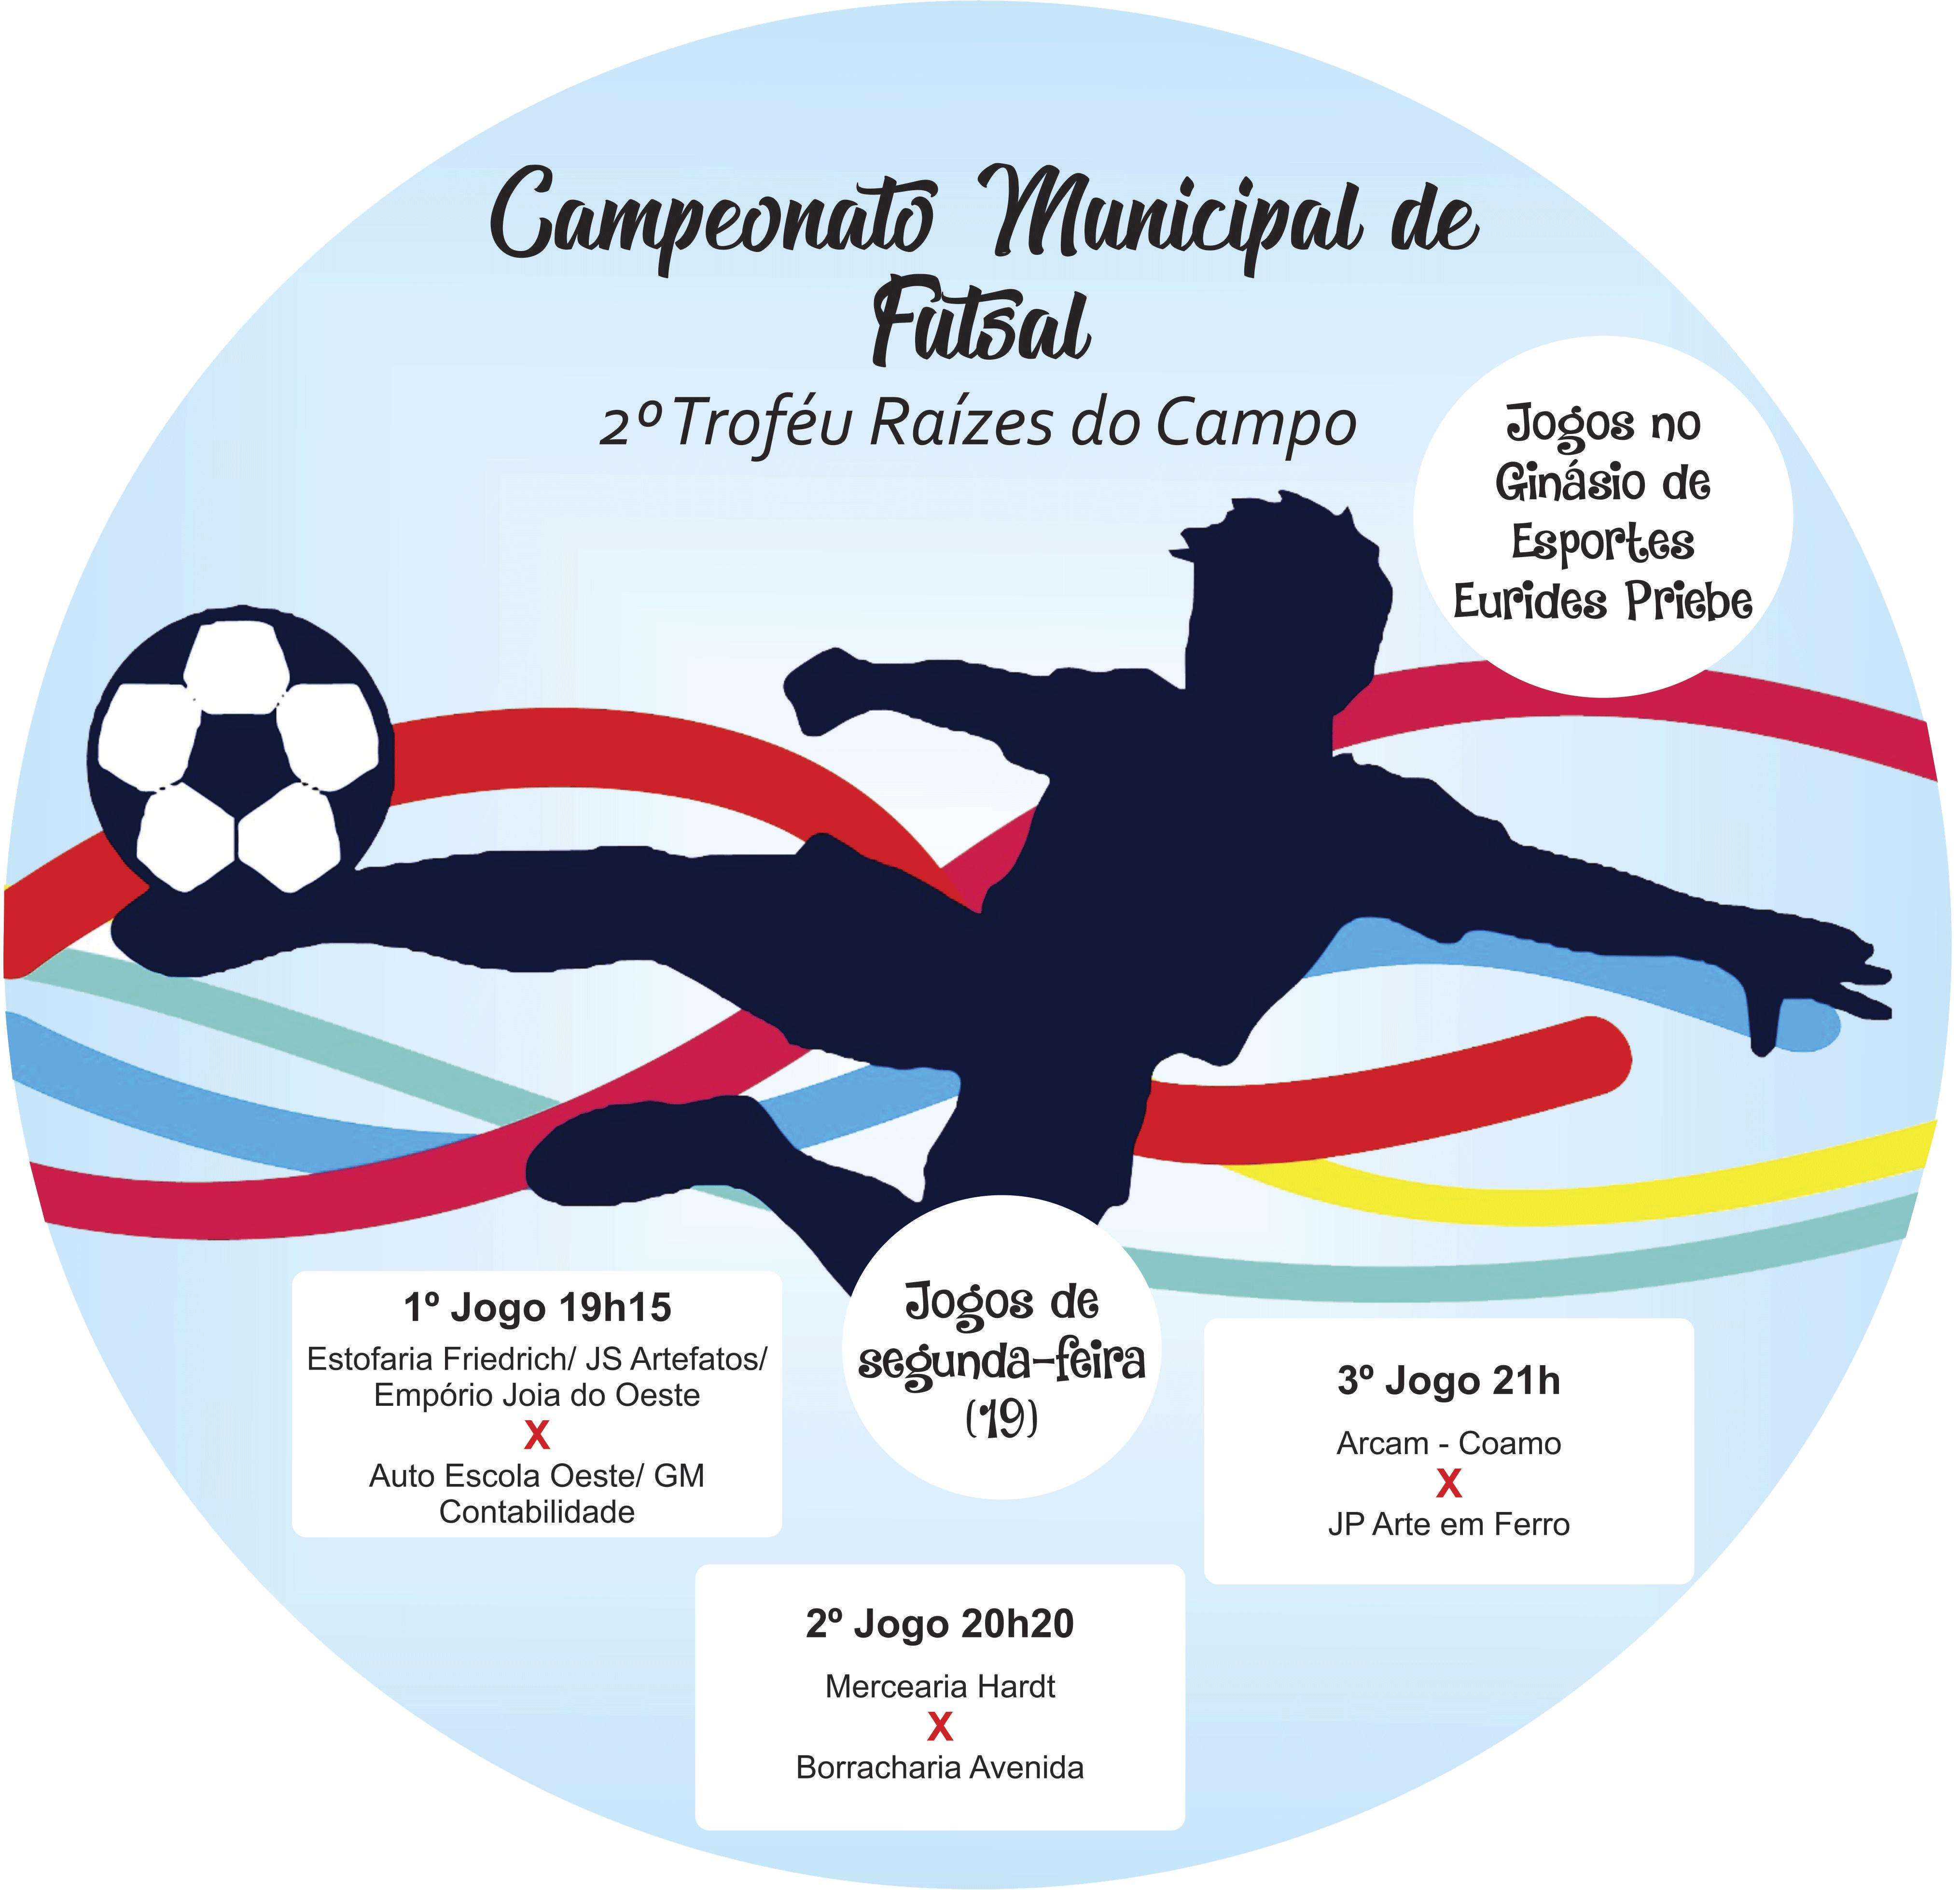 7c0d8e623 Campeonato Municipal de Futsal inicia nesta segunda (19 ...